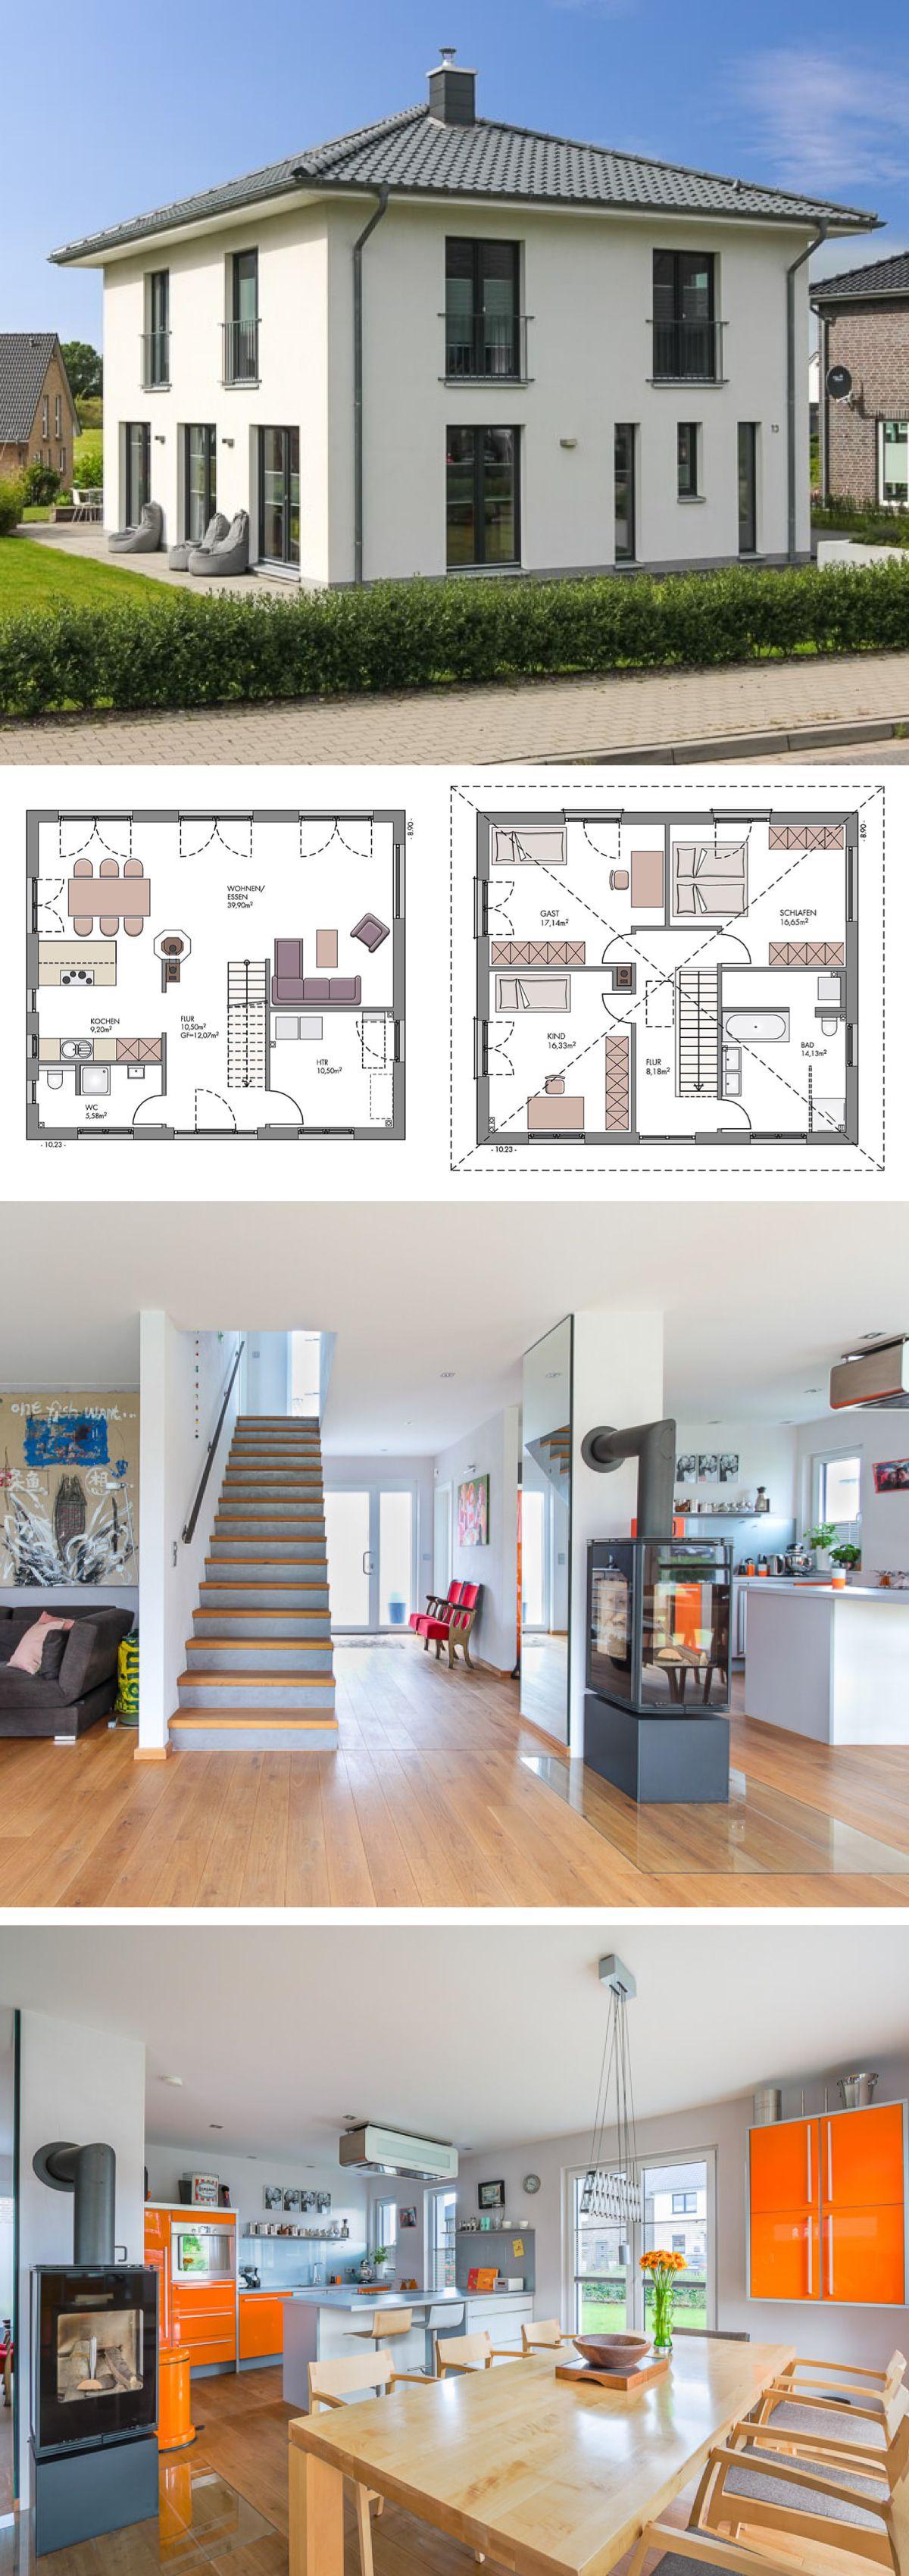 Villa Design · Stadtvilla Modern Mit Bauhaus Elementen, Kamin U0026 Zeltdach  Architektur   Einfamilienhaus Bauen Grundriss Offen